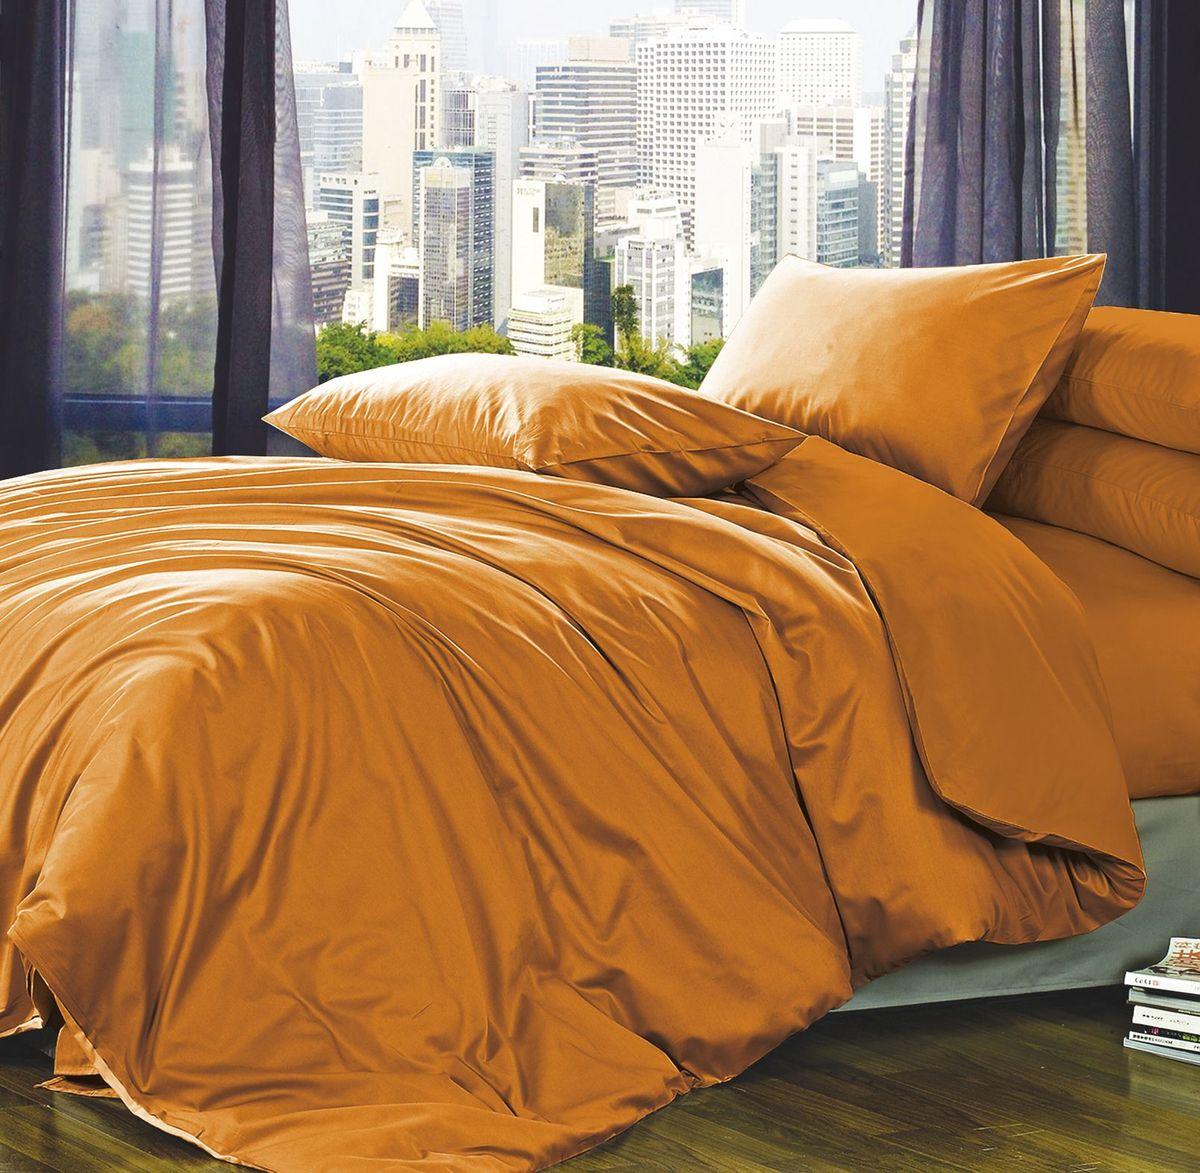 Комплект белья Коллекция Оранжевый, 1,5-спальный, наволочки 50x70. ПС1.5/50/ОЗ/орПС1.5/50/ОЗ/ор